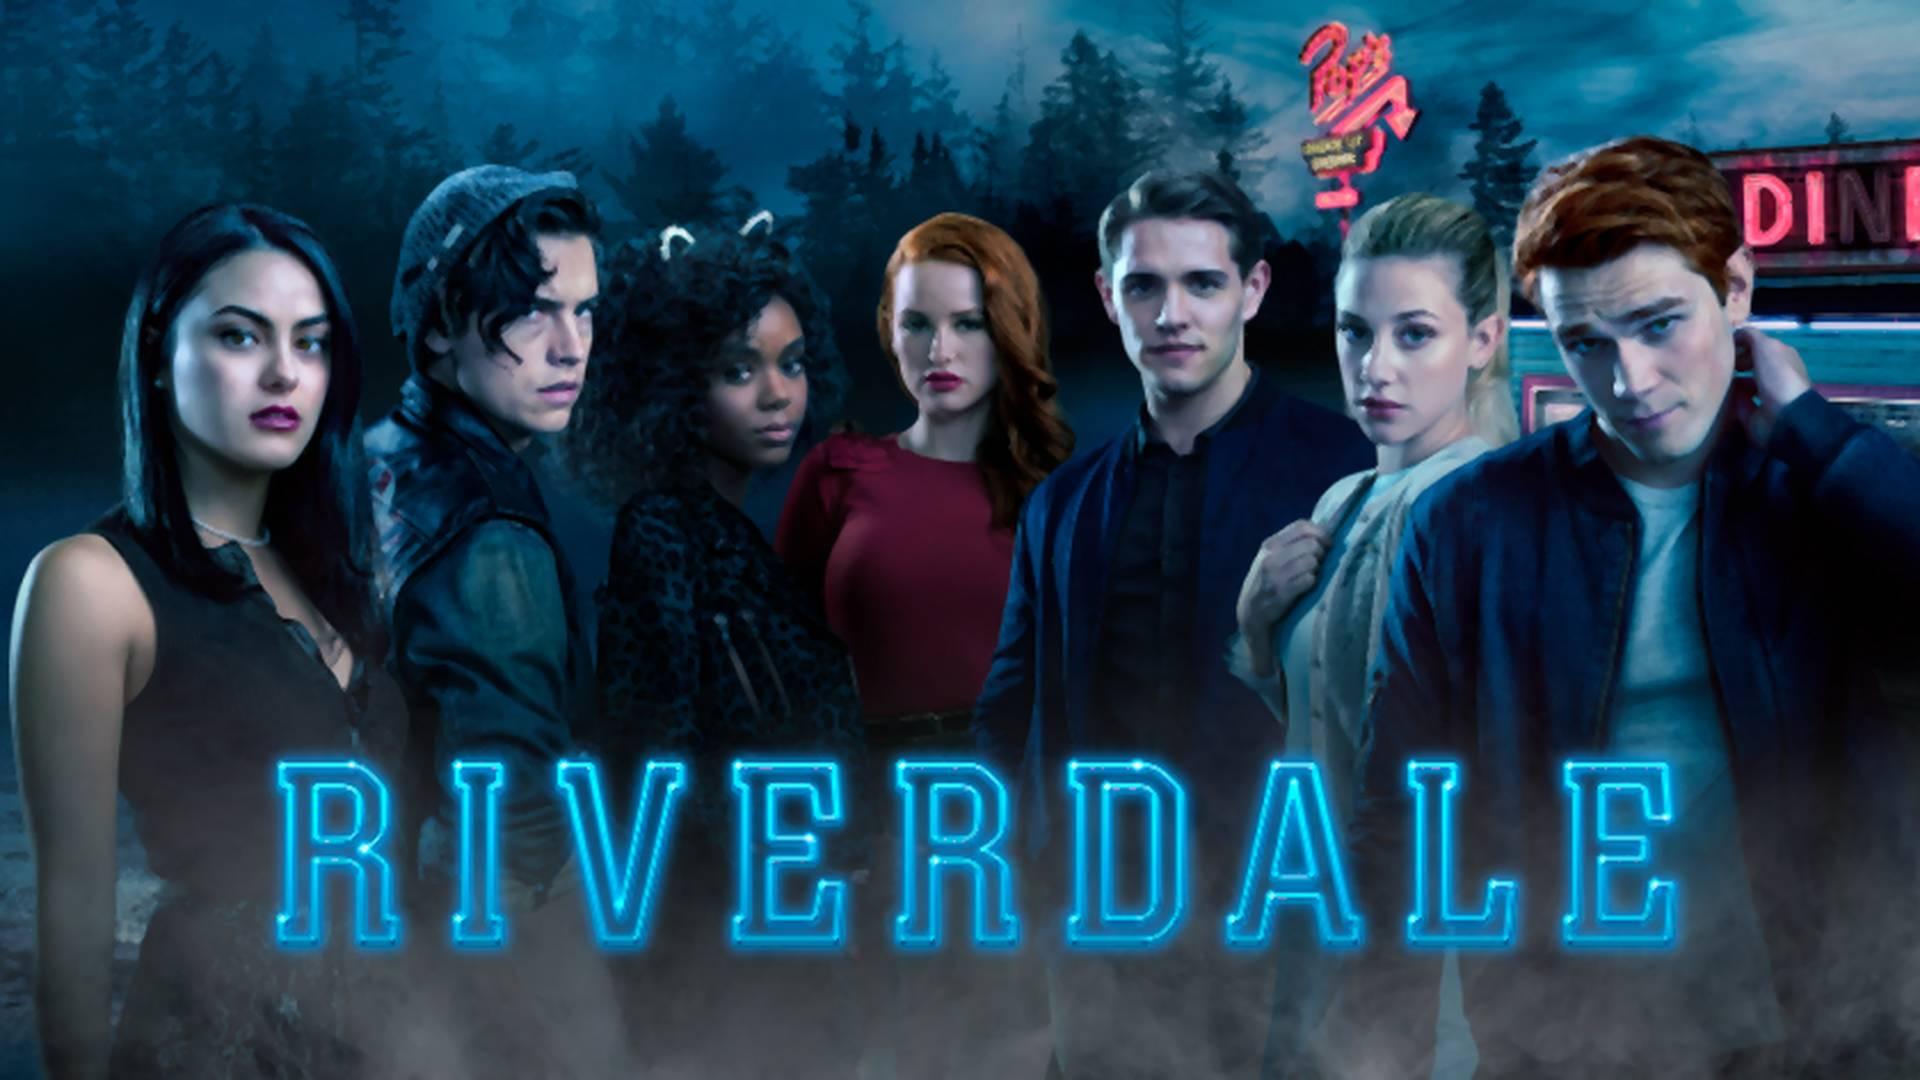 ähnliche Serien Wie Riverdale